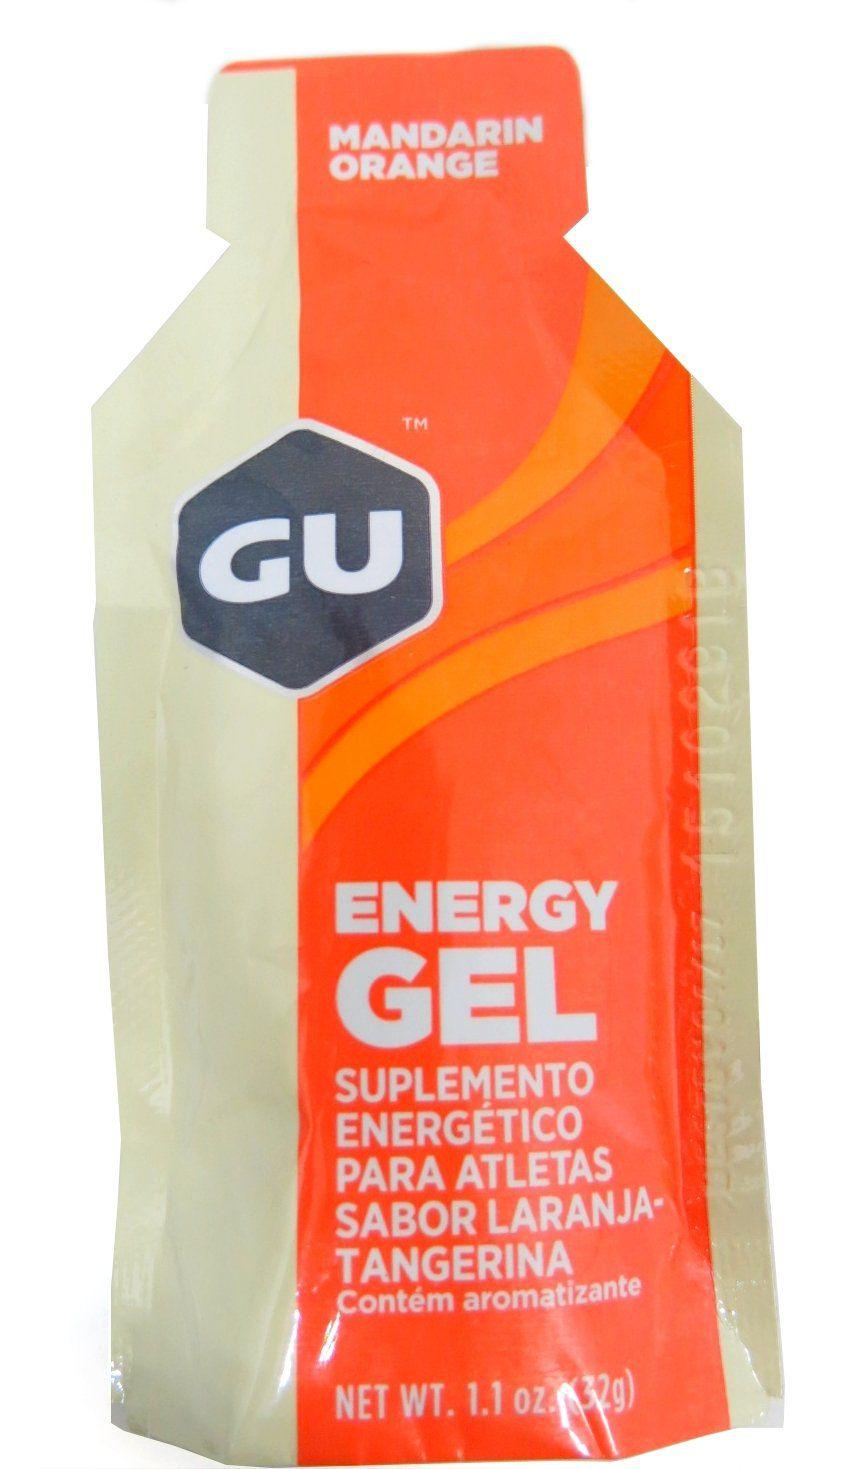 GEL GU ENERGY LARANJA - TANGERINA 1 UNIDADE